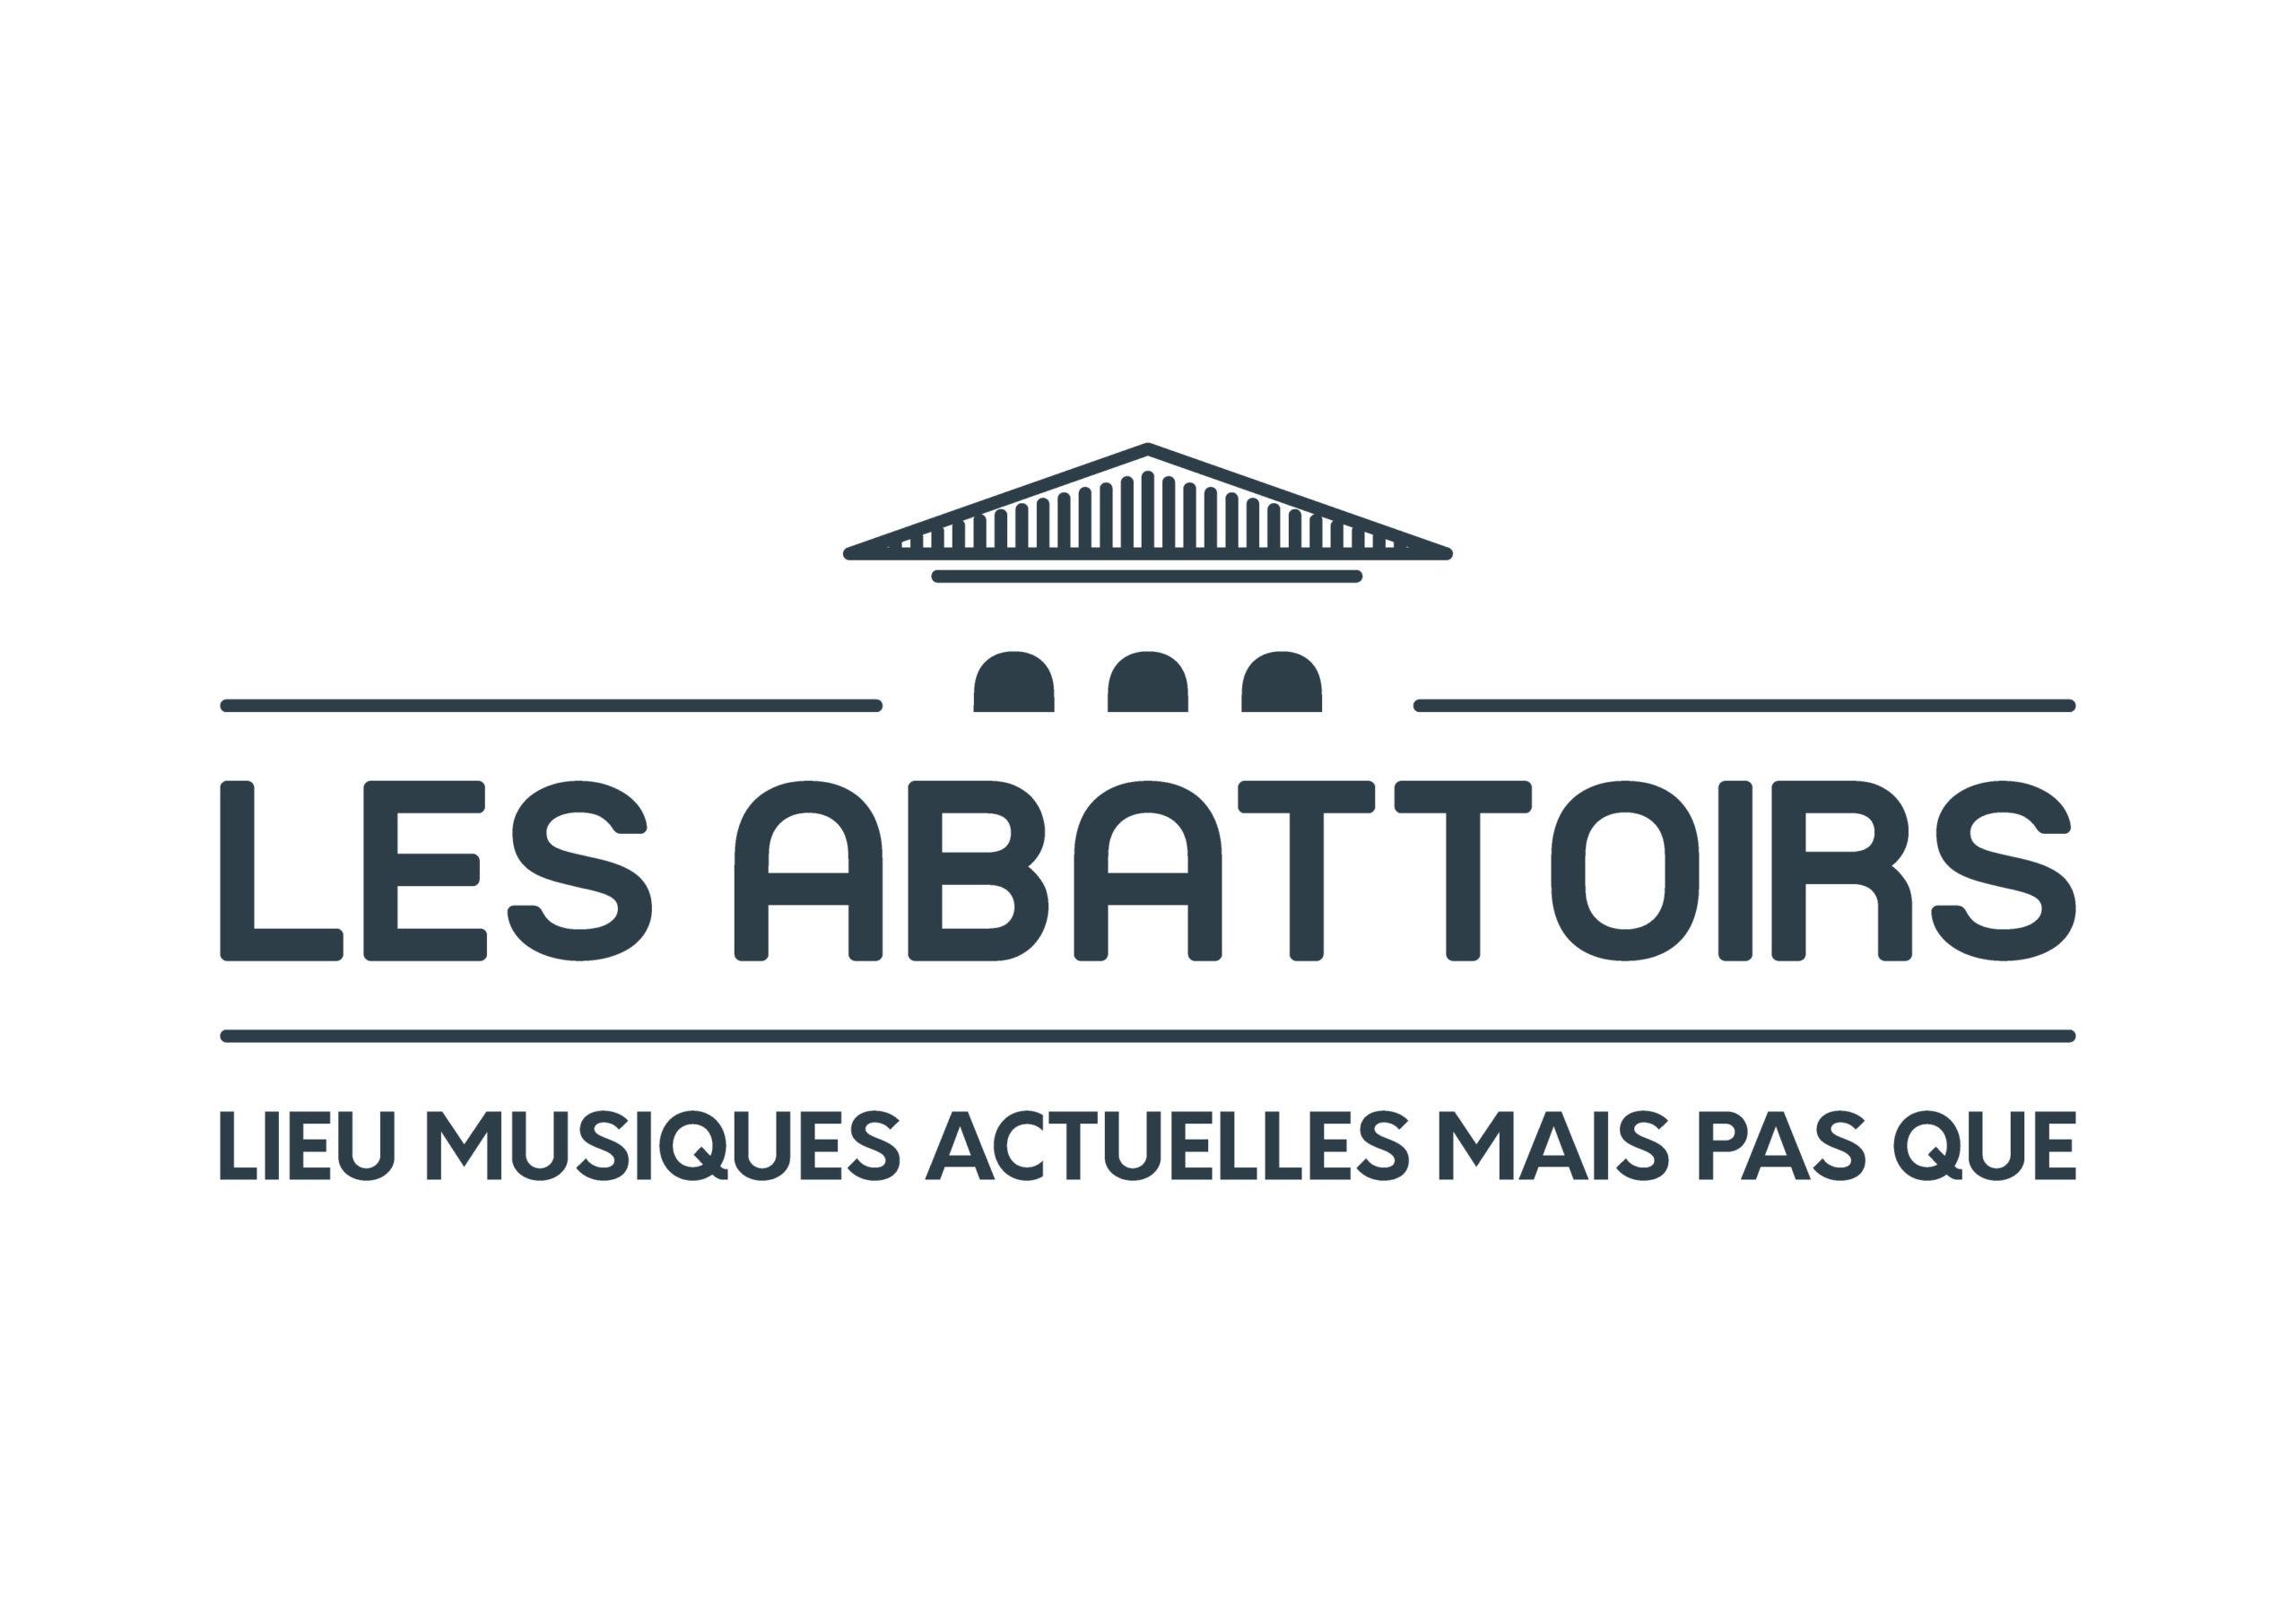 Les Abattoirs - Lieu Musiques actuelles mais pas que